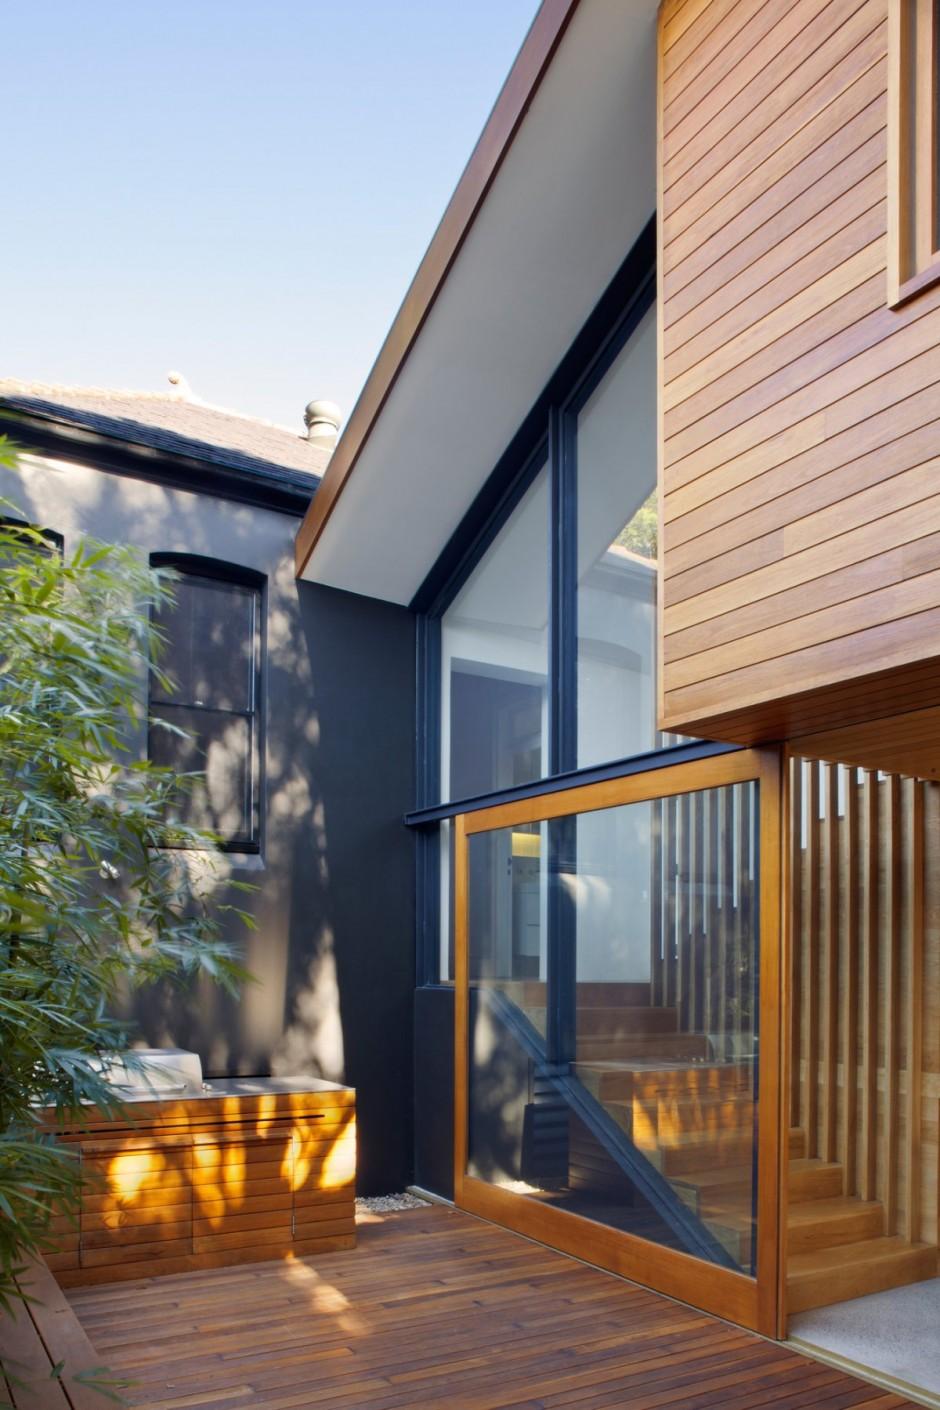 ไอเดียออกแบบบ้านสวย